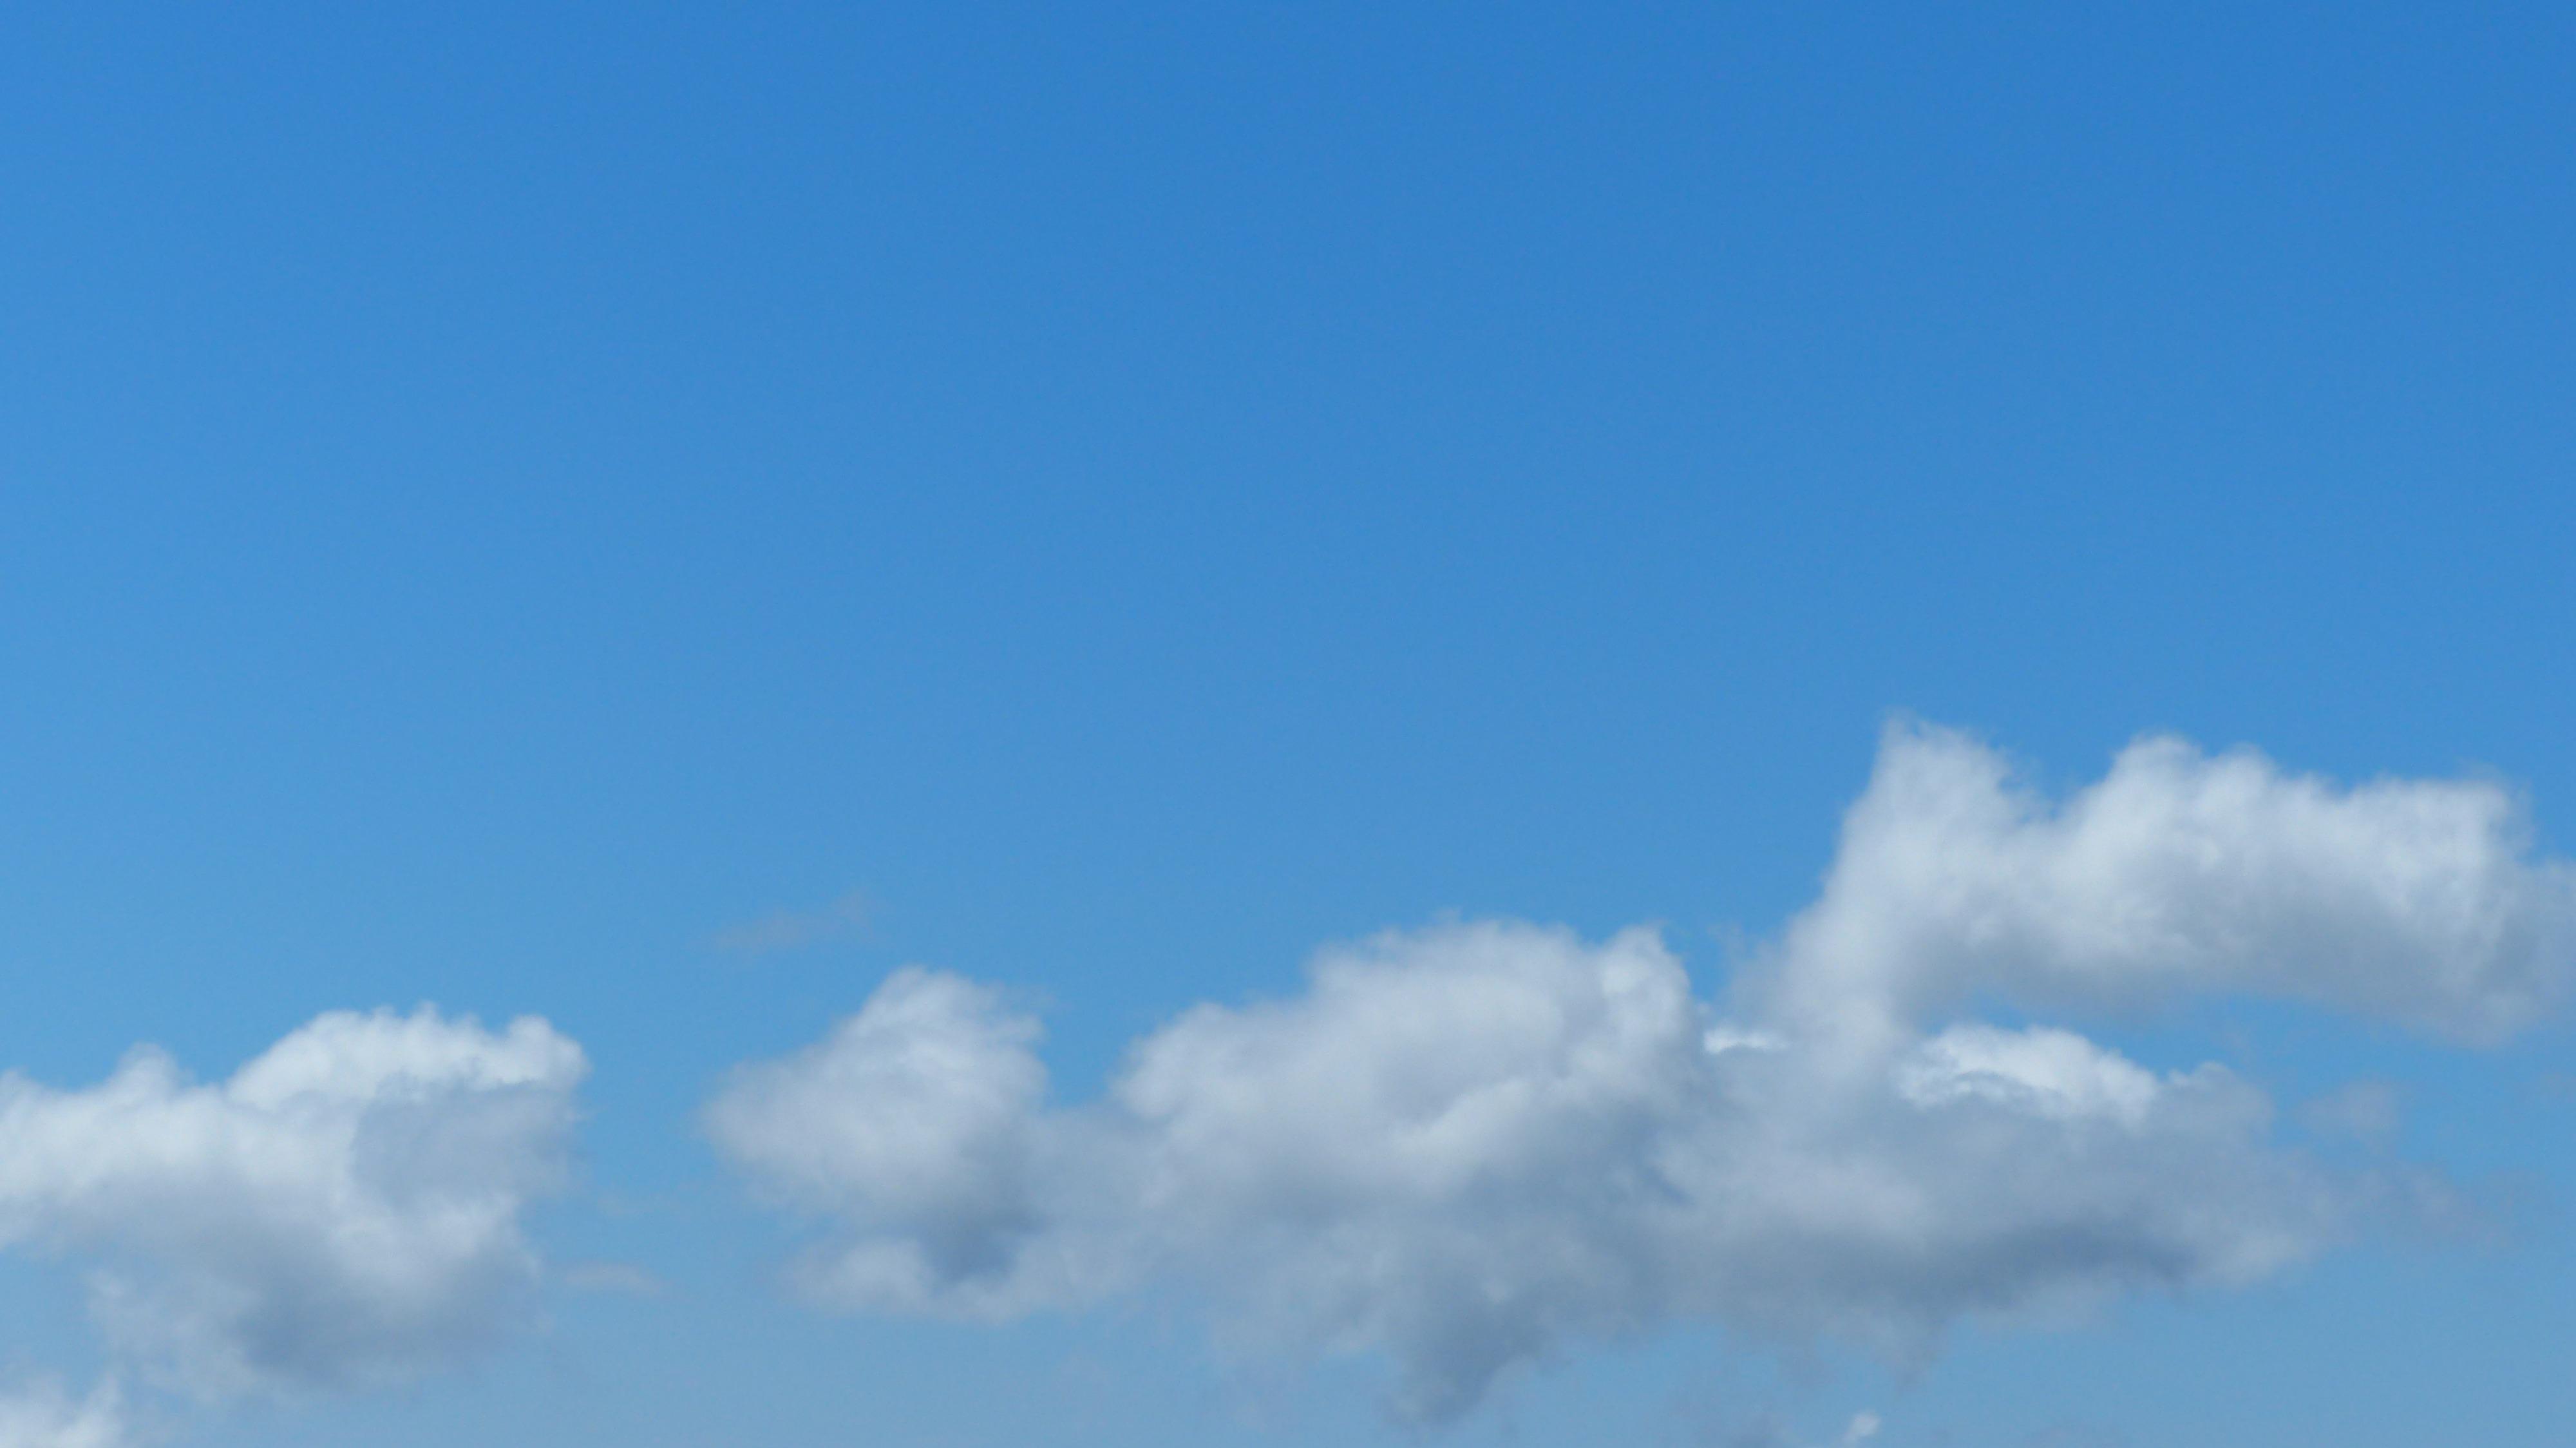 Gambar Horison Langit Suasana Siang Hari Gumpalan Awan Biru